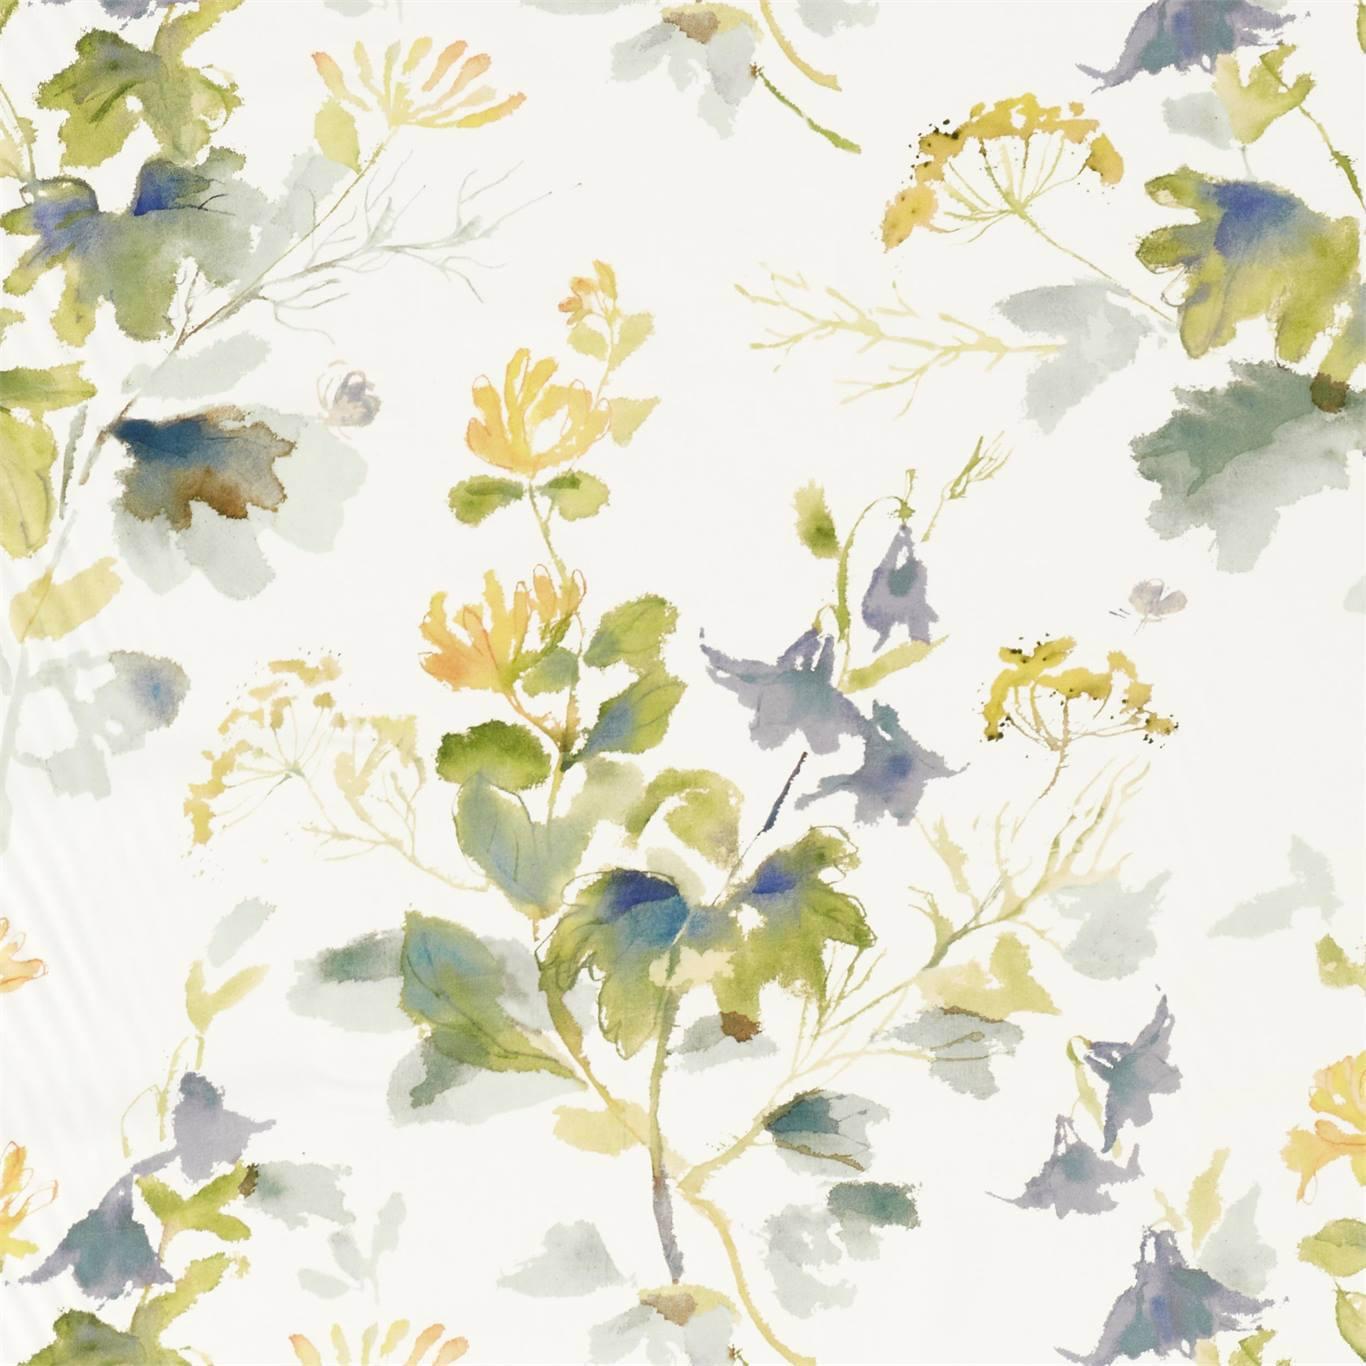 Honey Flowers by SAN